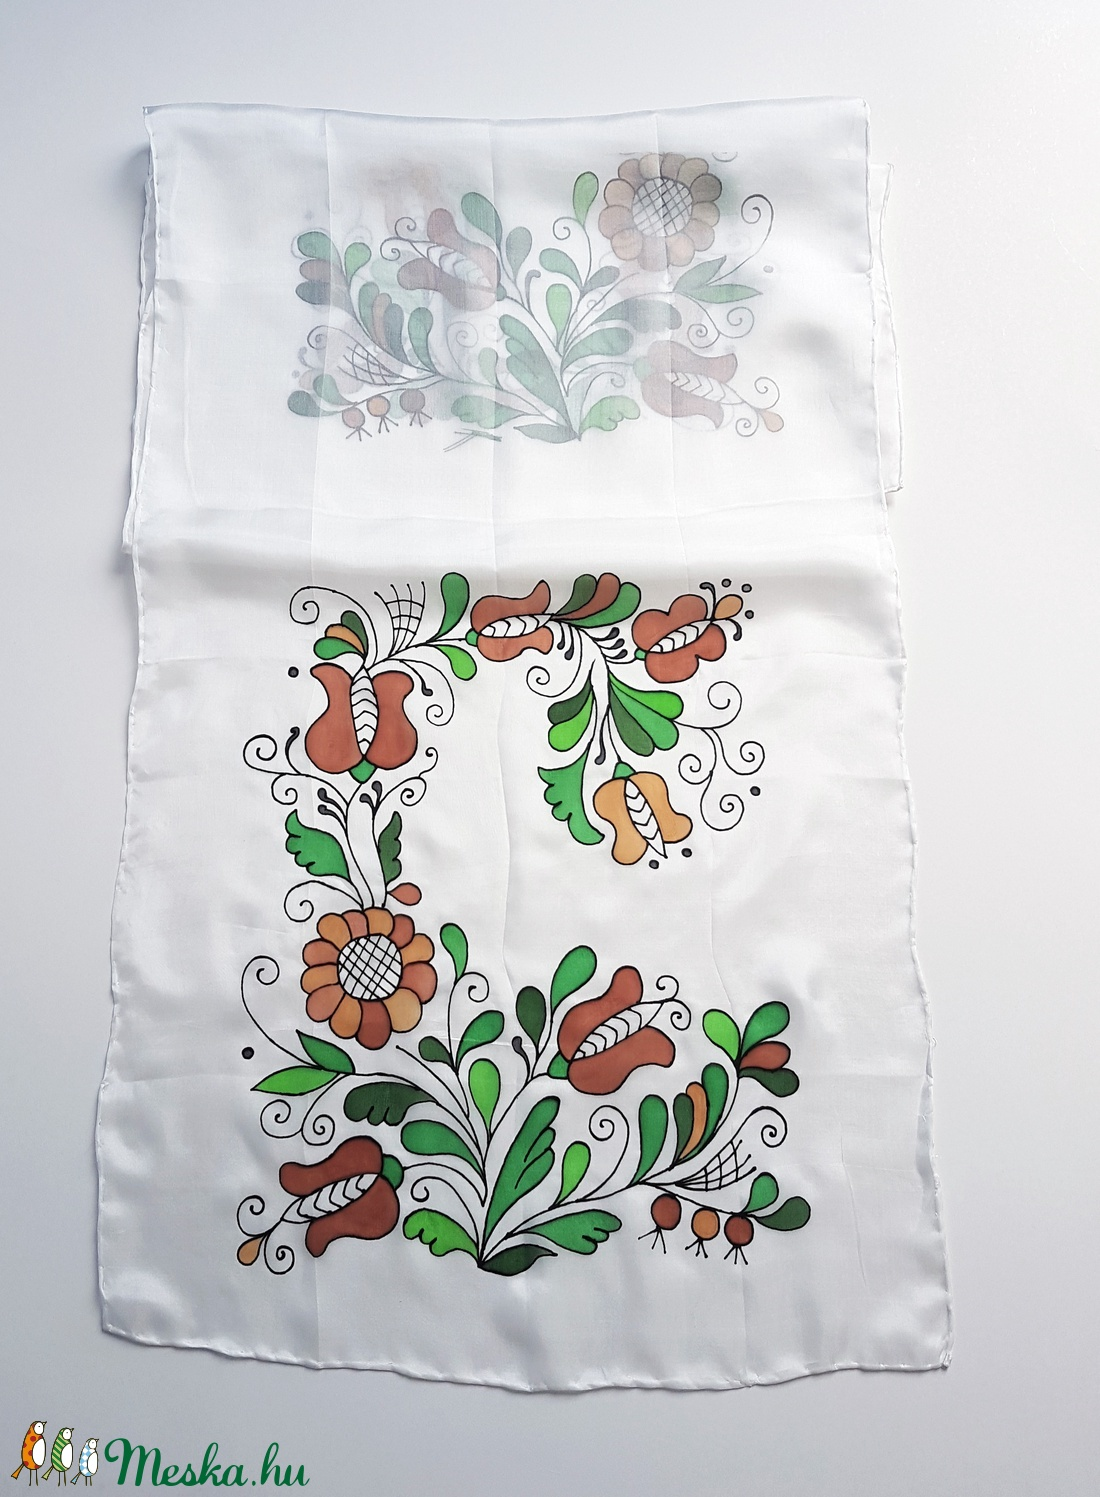 Kézzel festett SELYEMSÁL, magyar népművészet, korondi indás virág, fehér, barna és zöld_47 - ruha & divat - sál, sapka, kendő - kendő - Meska.hu